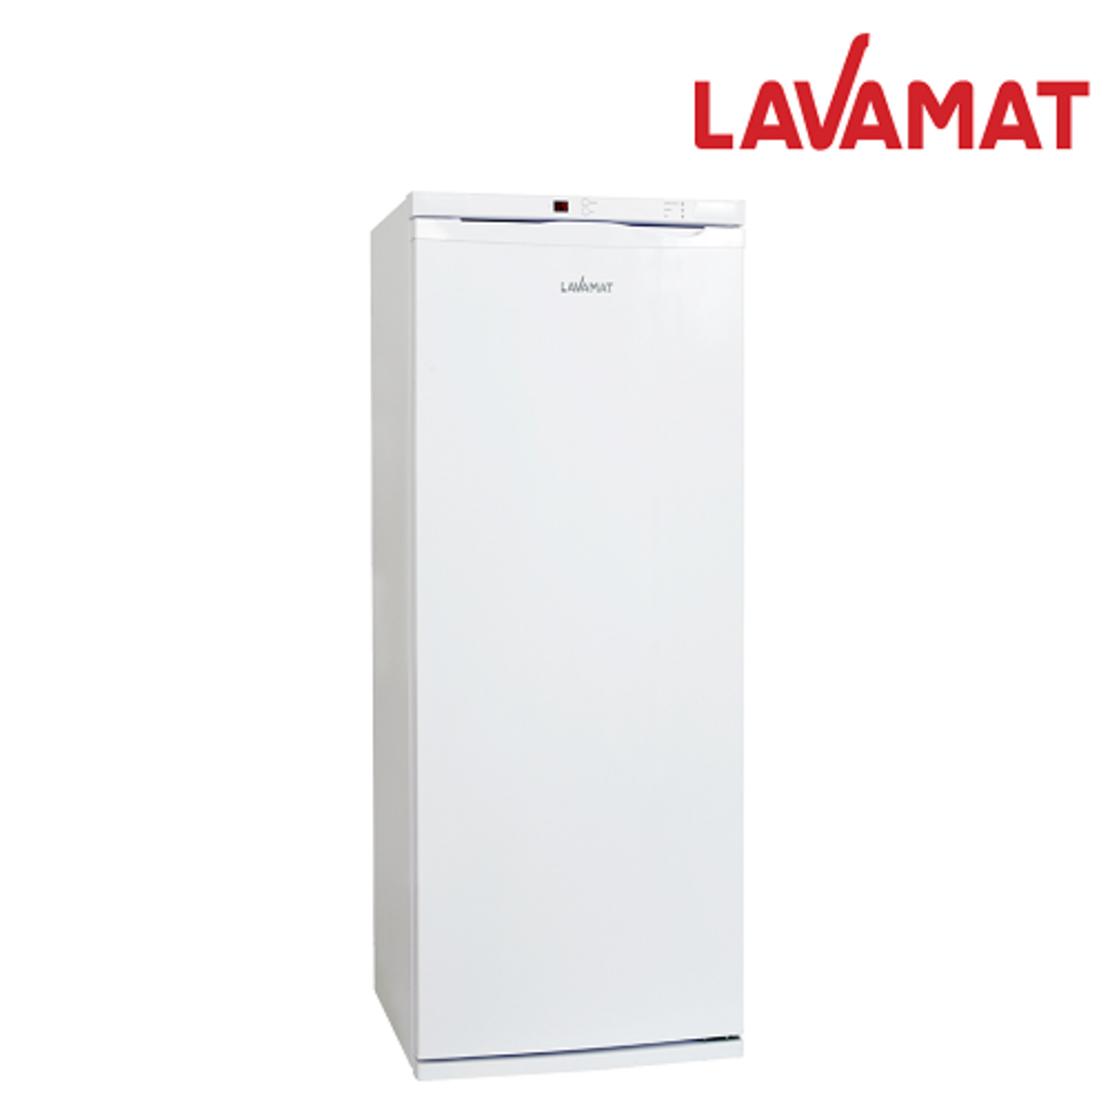 מקפיא ביתי 6 מגירות 186 ליטר NO FROST LAVAMAT דגם LVF321